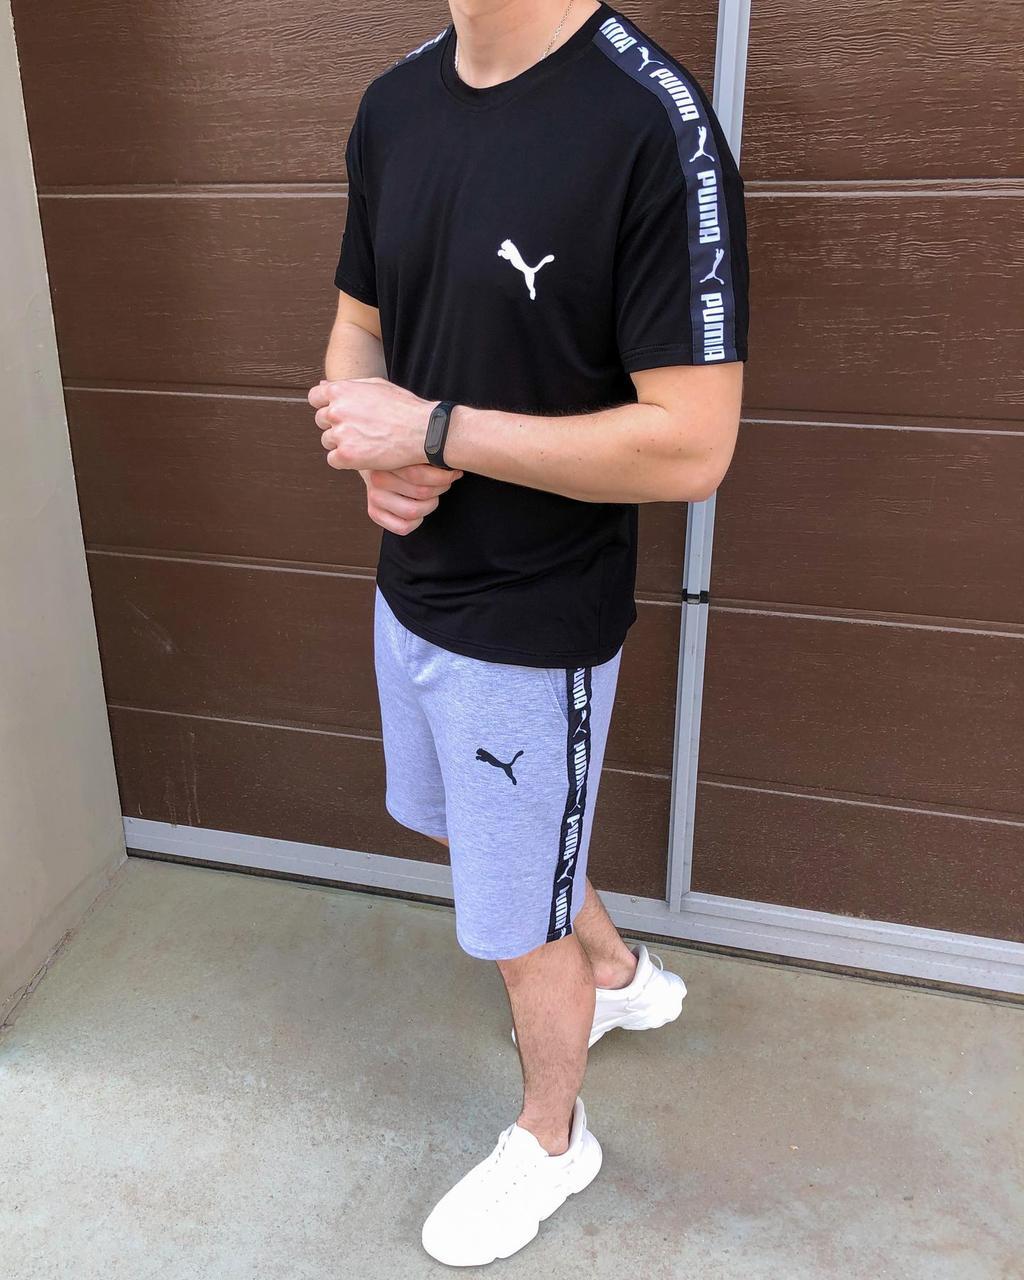 Літня футболка + шорти Літній чоловічий комплект Puma Літній Спортивний костюм Пума чорного кольору